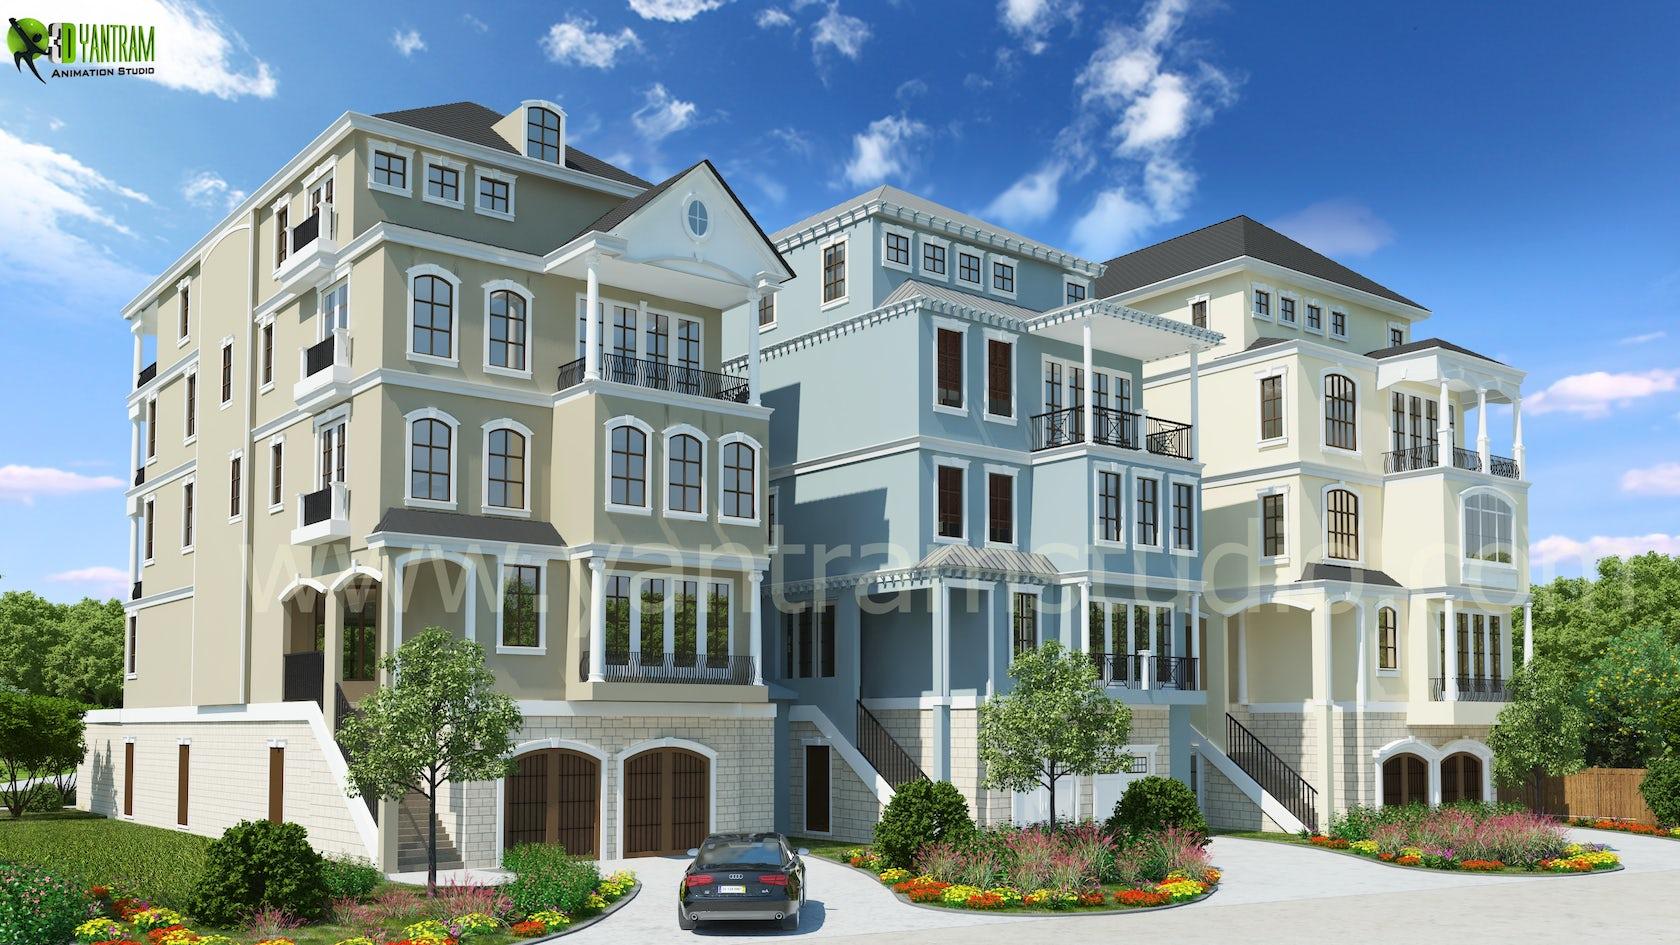 Condo Apartment Exterior Design - Architizer